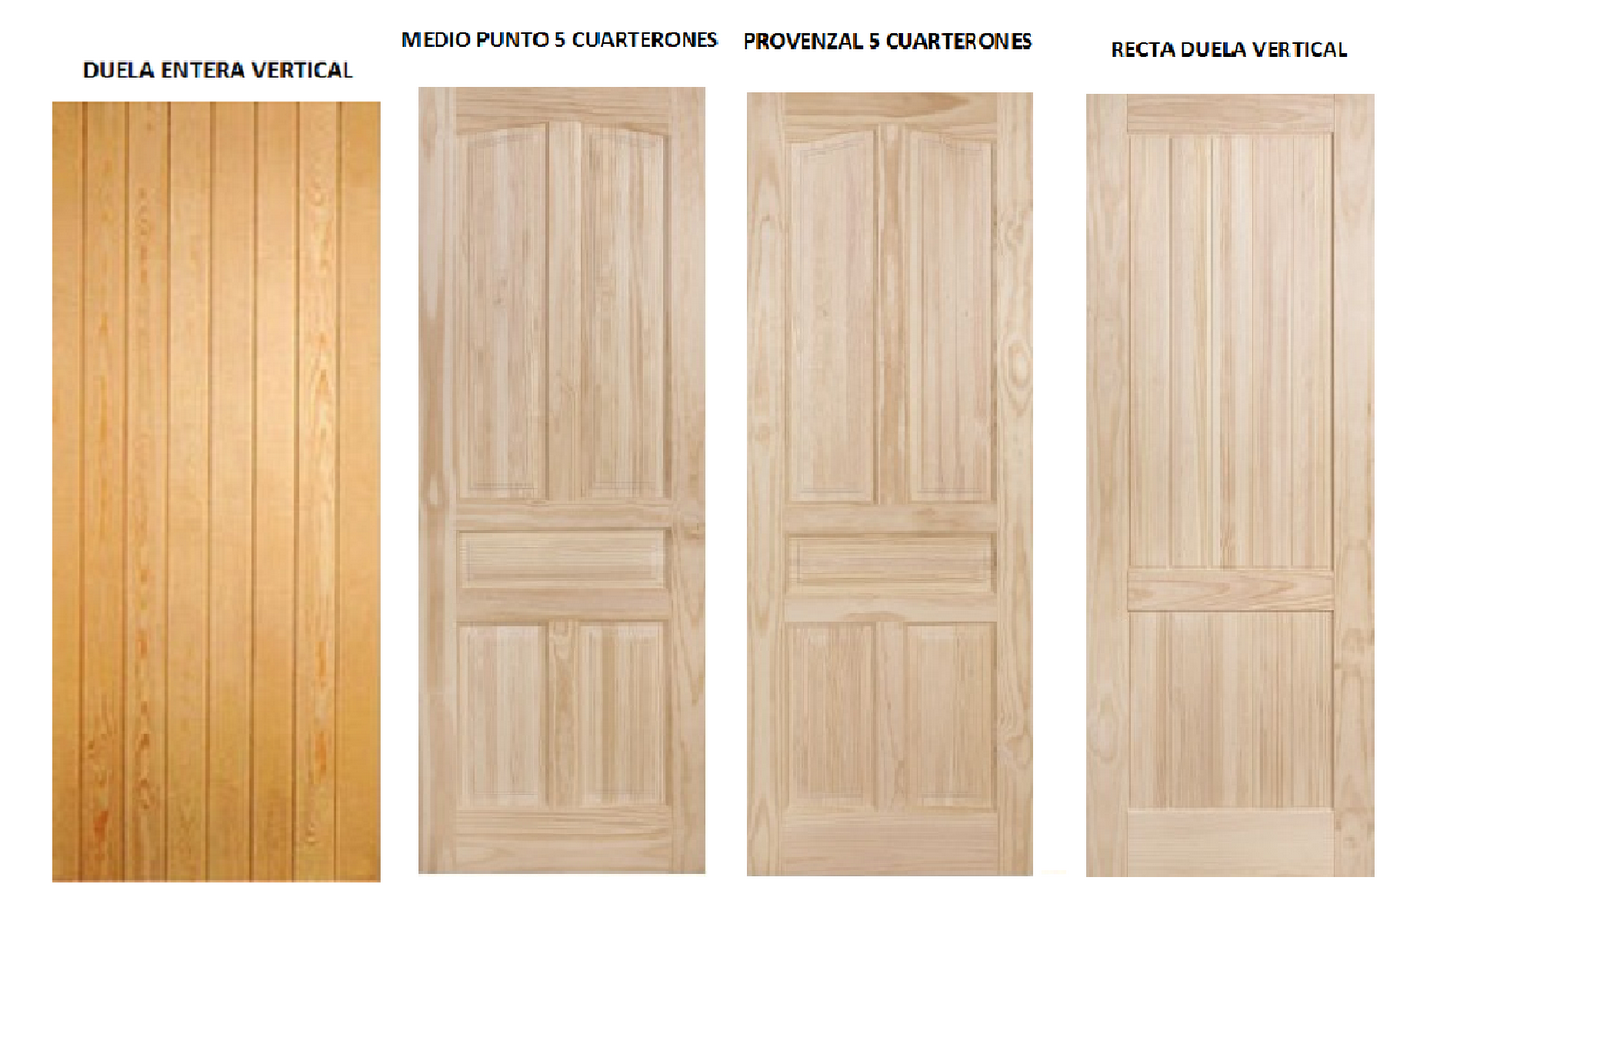 Puertas de exterior e interior puertas macizas en madera - Puertas de calle de madera ...